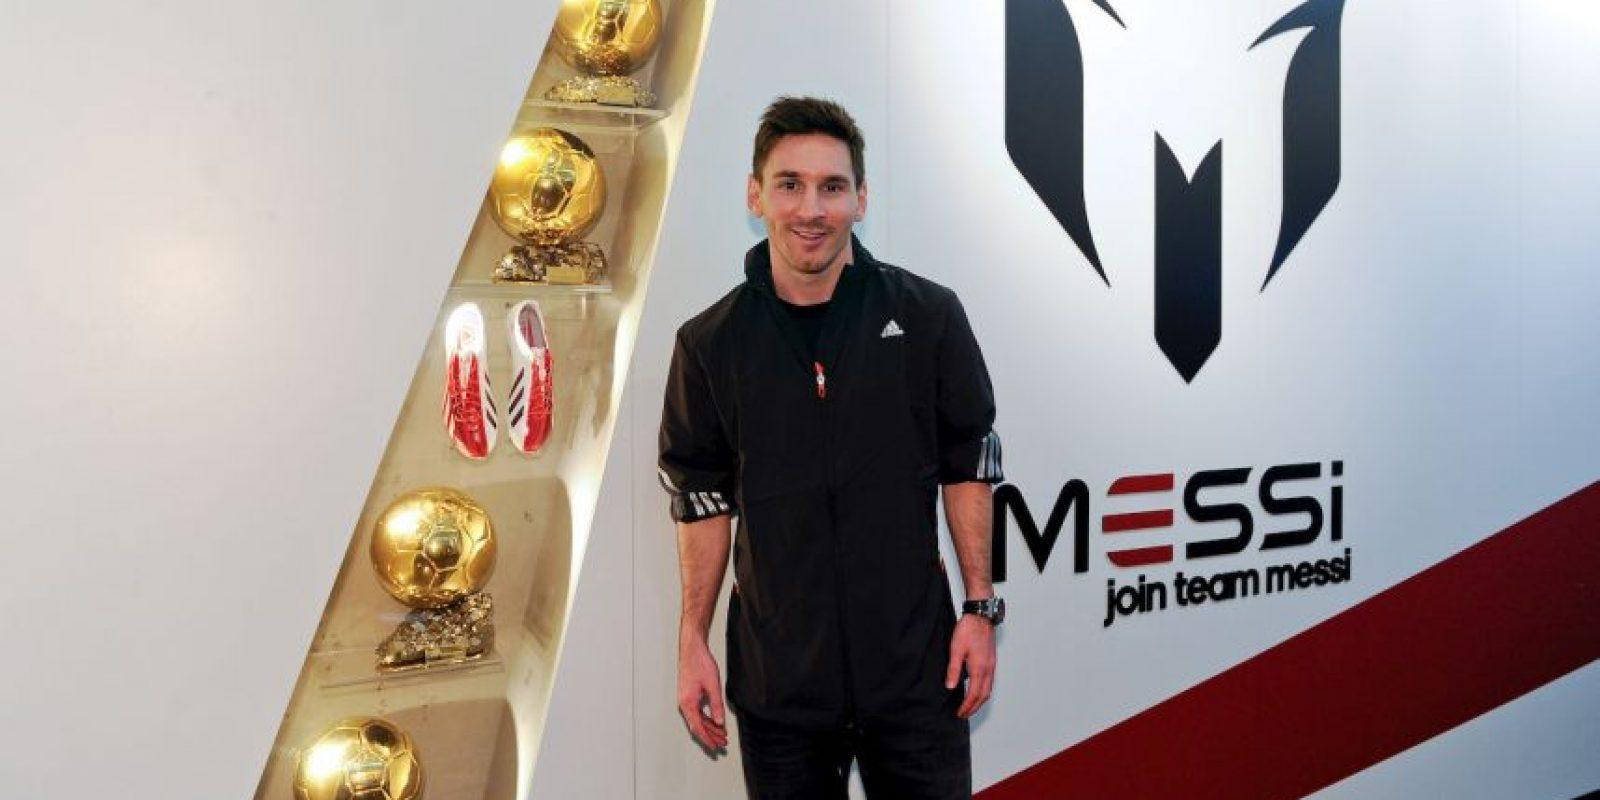 Con sólo 27 años, ha ganado cuatro veces el Balón de Oro de la FIFA, que se le otorga al mejor futbolista del mundo cada año. Foto:Getty Images